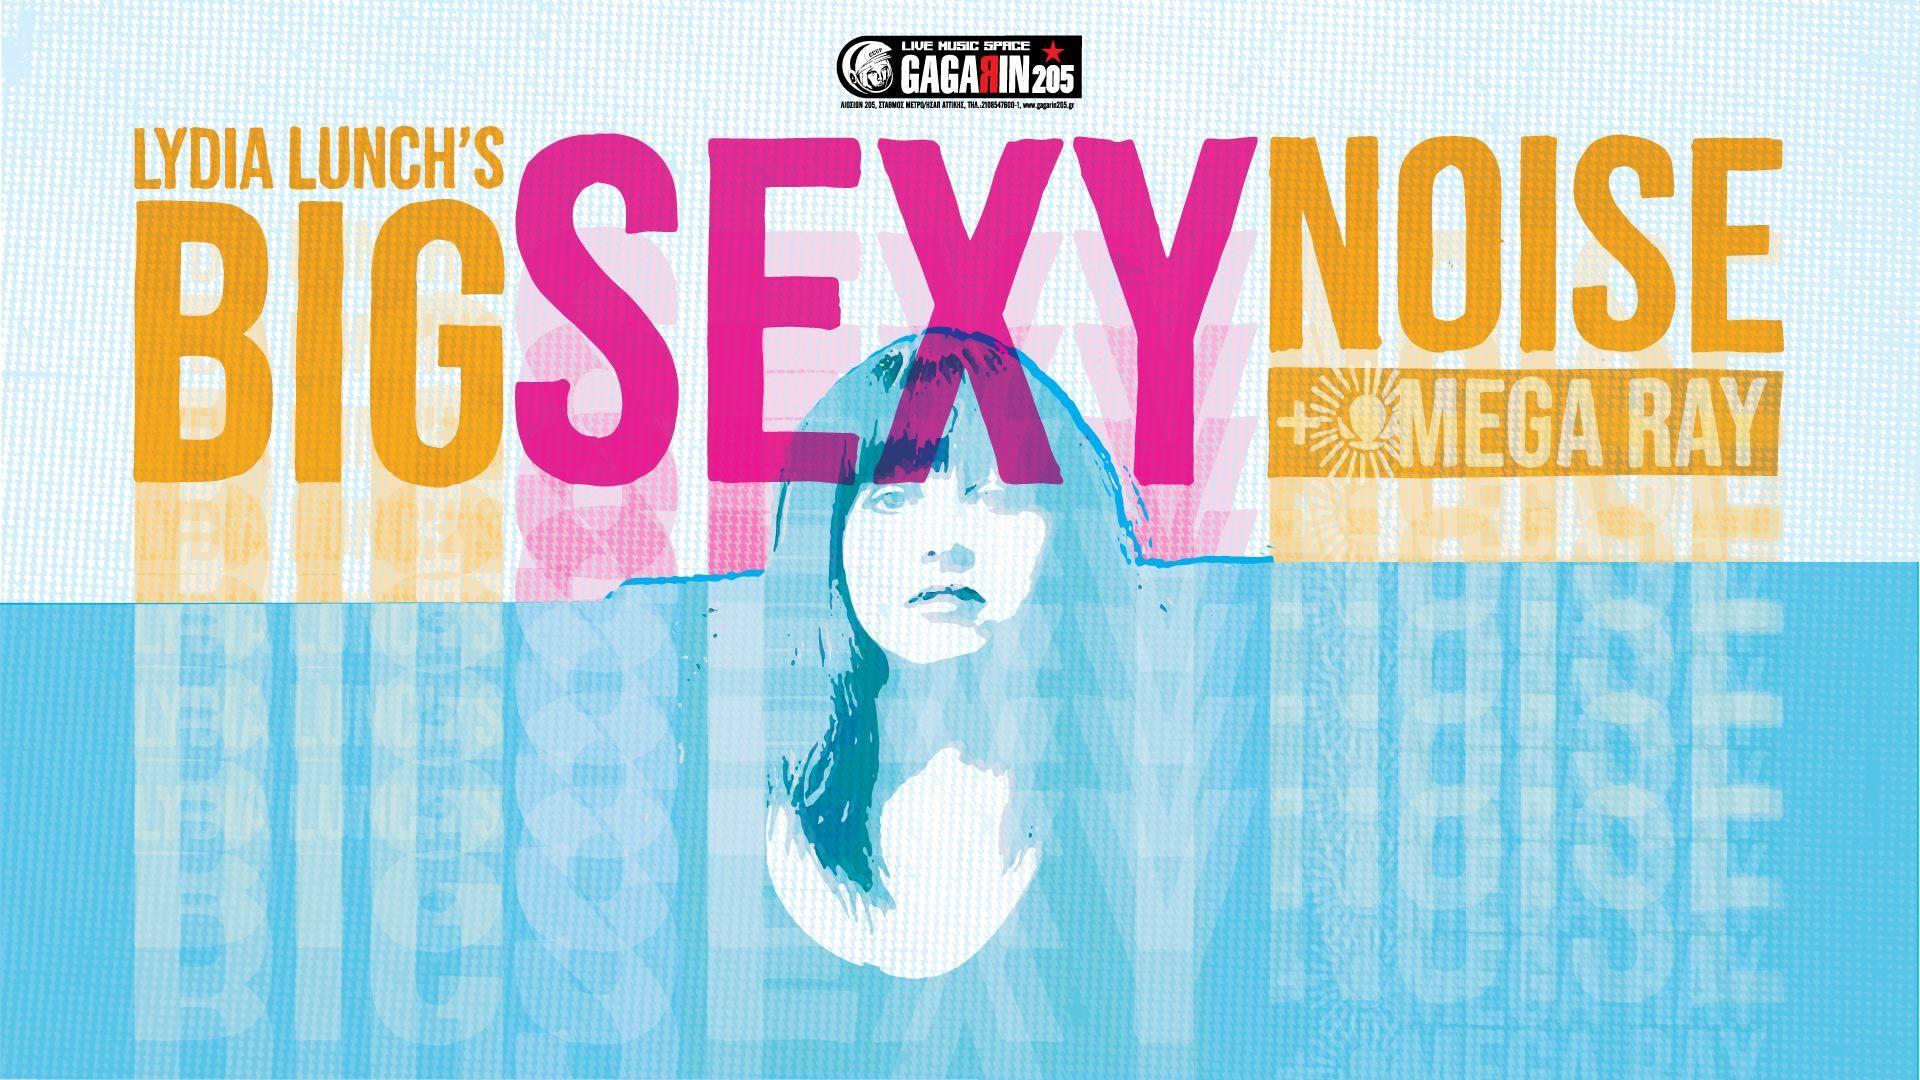 Lydia Lunch's Big Sexy Noise & Omegaray στο Gagarin 205 στις 10 Νοεμβρίου